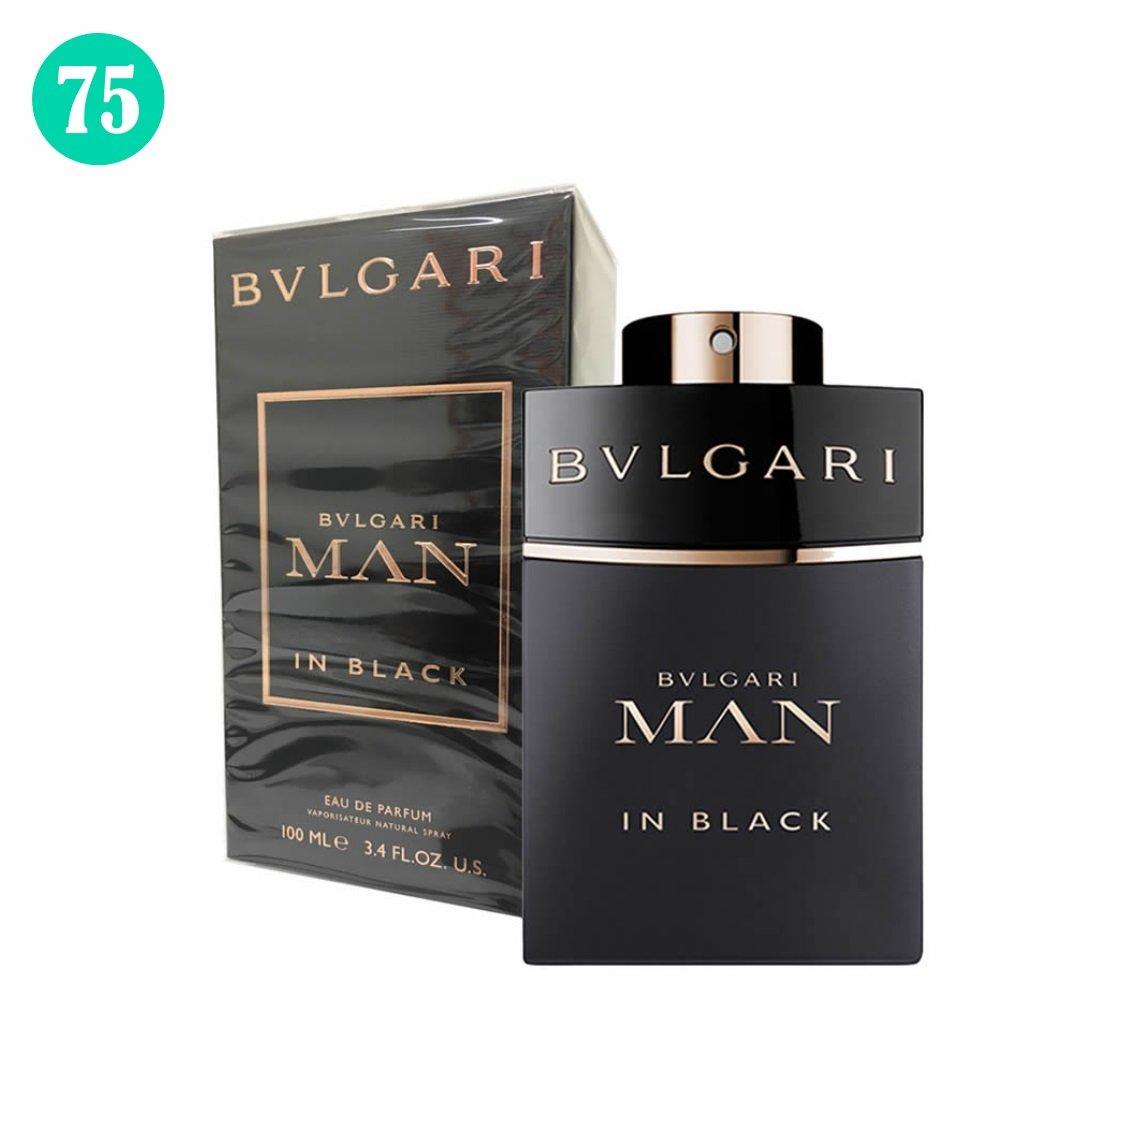 BVLGARI MAN IN BLACK – Bvlgari uomo